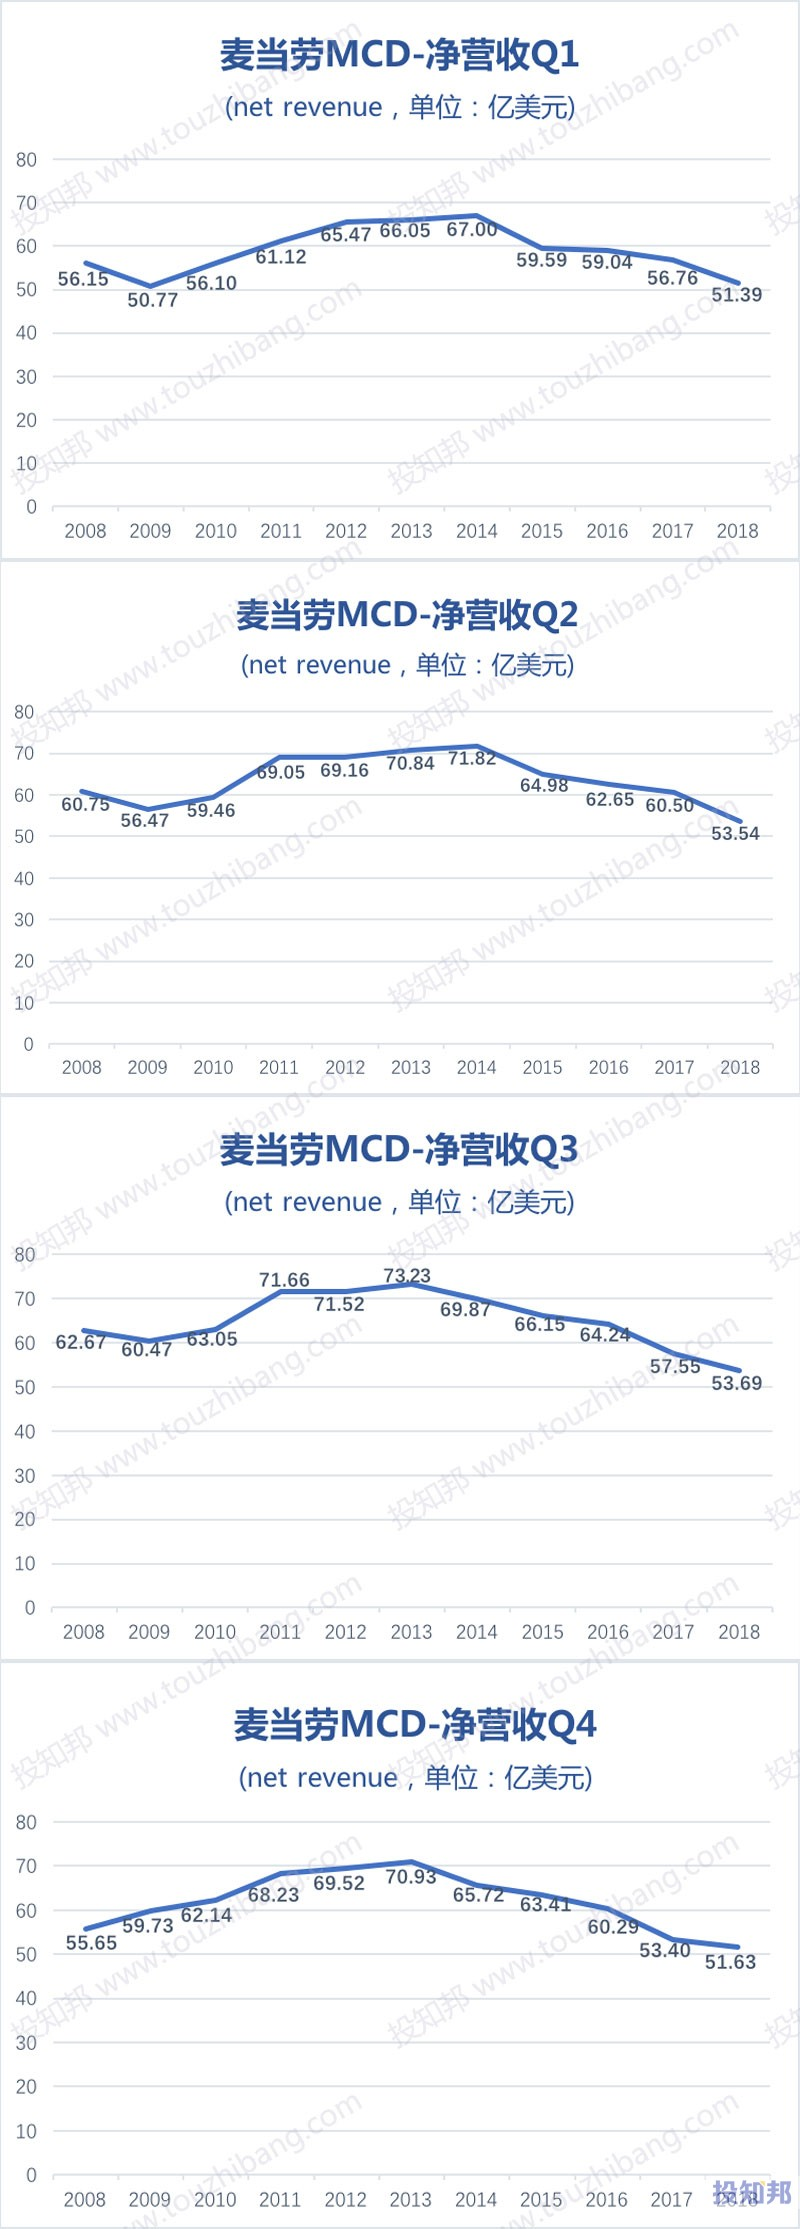 图解麦当劳(MCD)财报数据(2008~2018年)